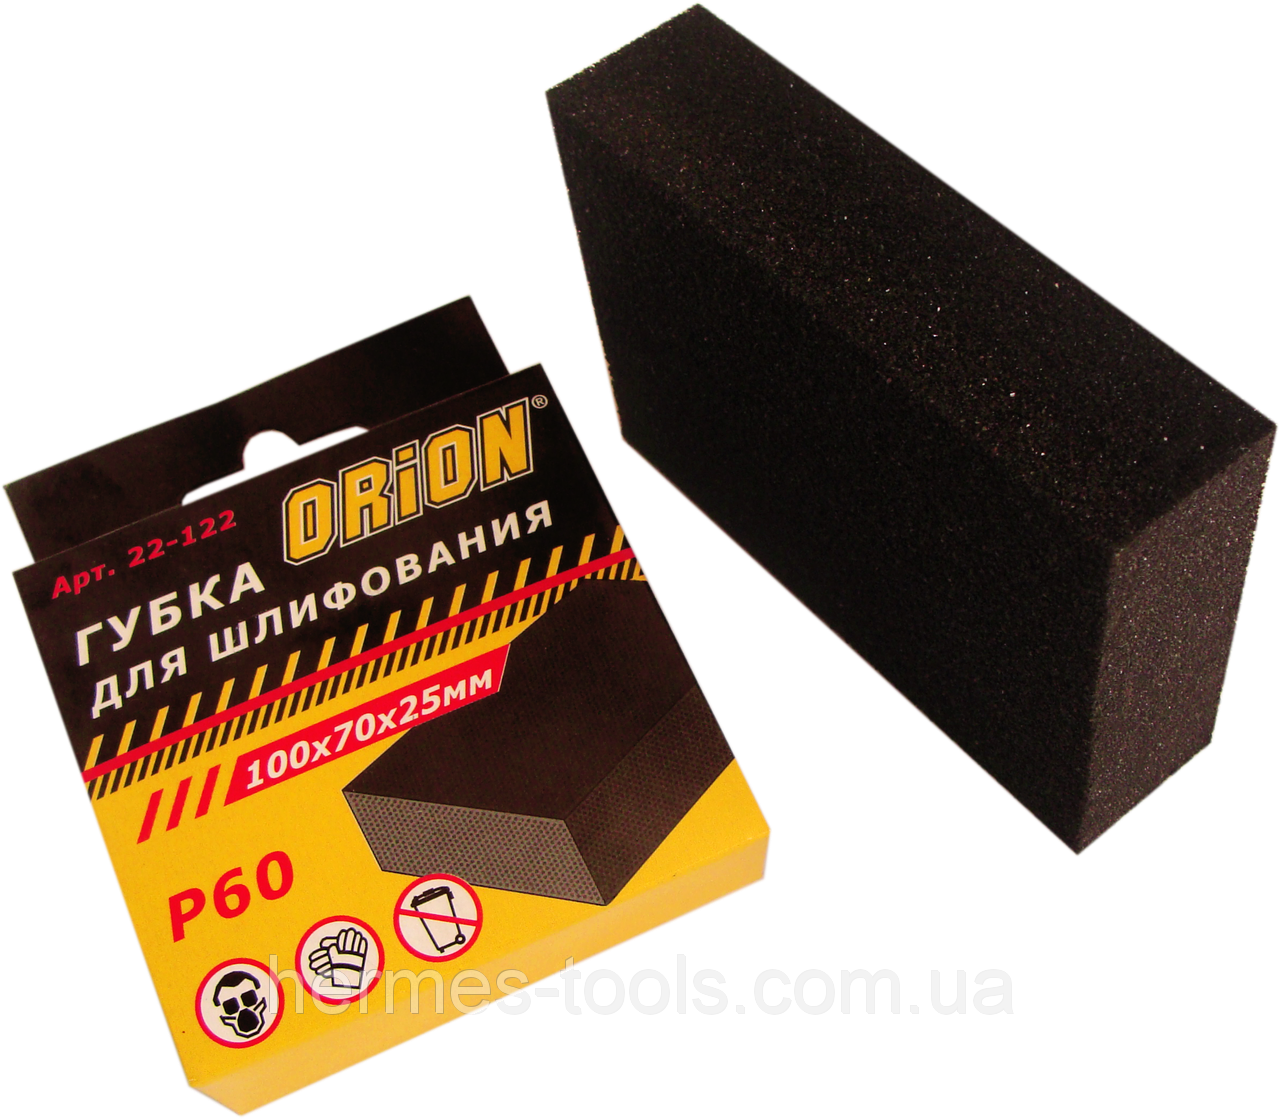 """Губка для шлифования 100x 70 x 25 мм, """"ORION"""" Р 80"""